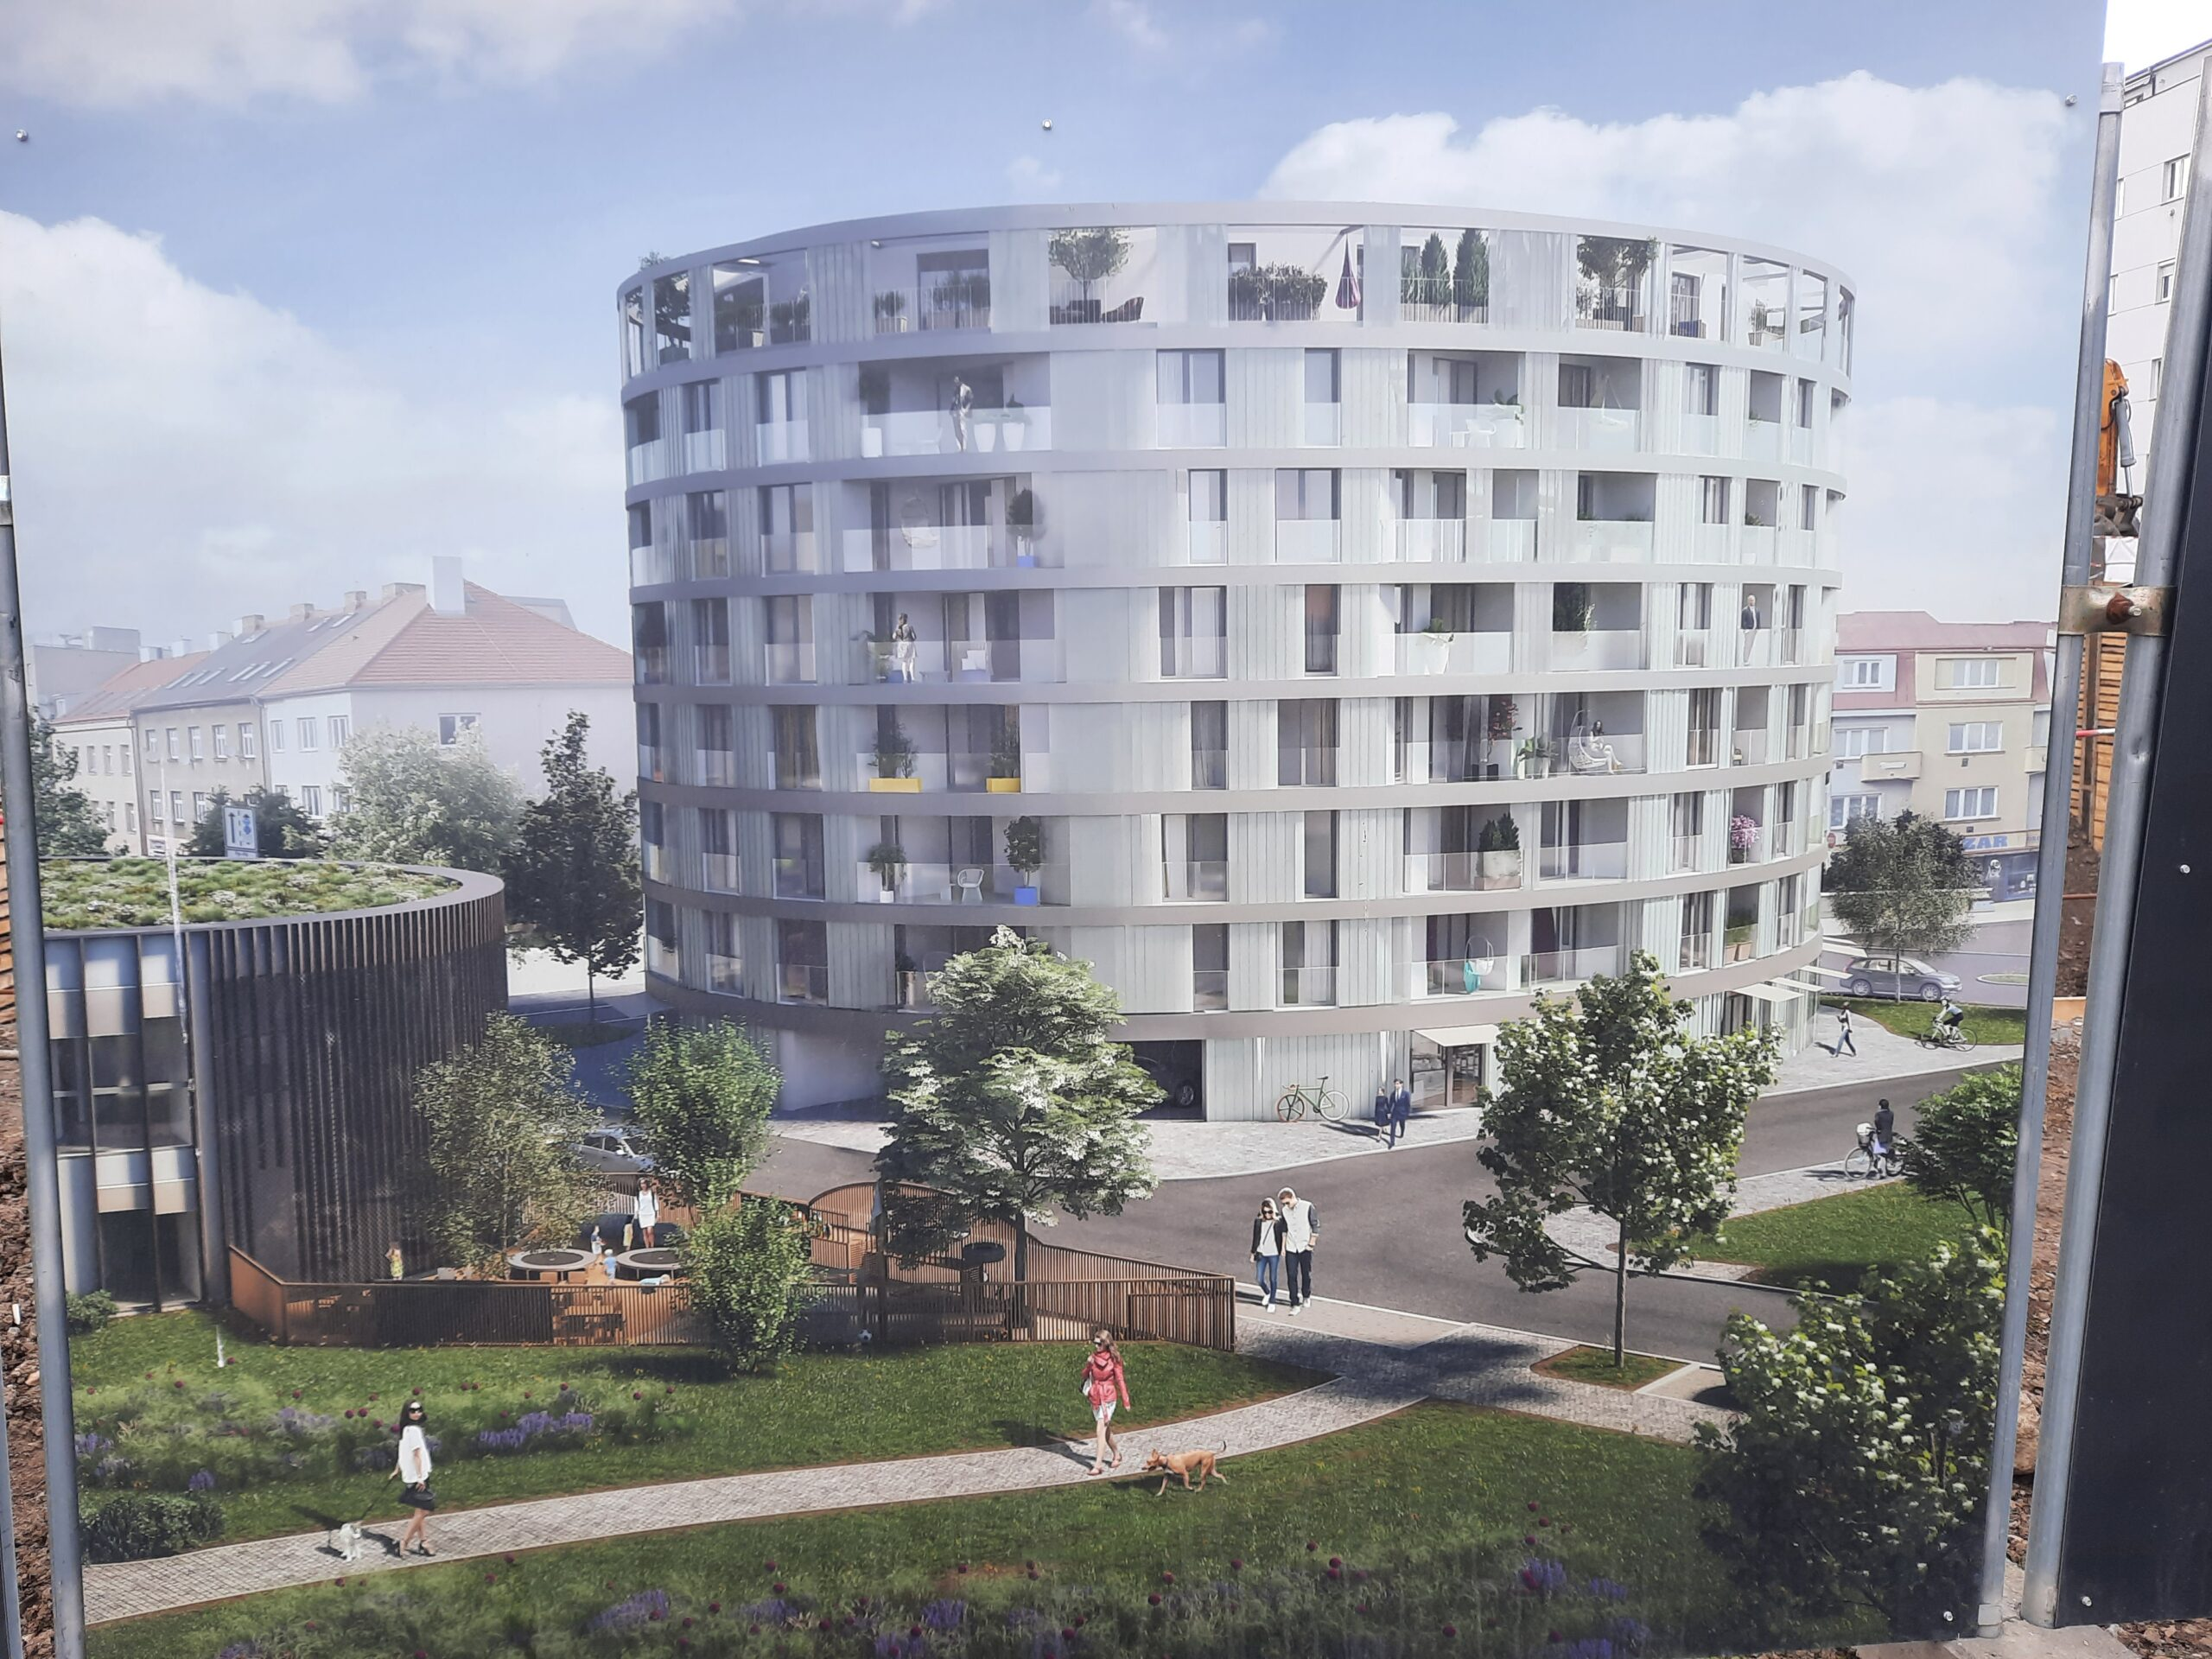 Rezidence Oliva, zahájen prodej bytů u parku Brumlovka